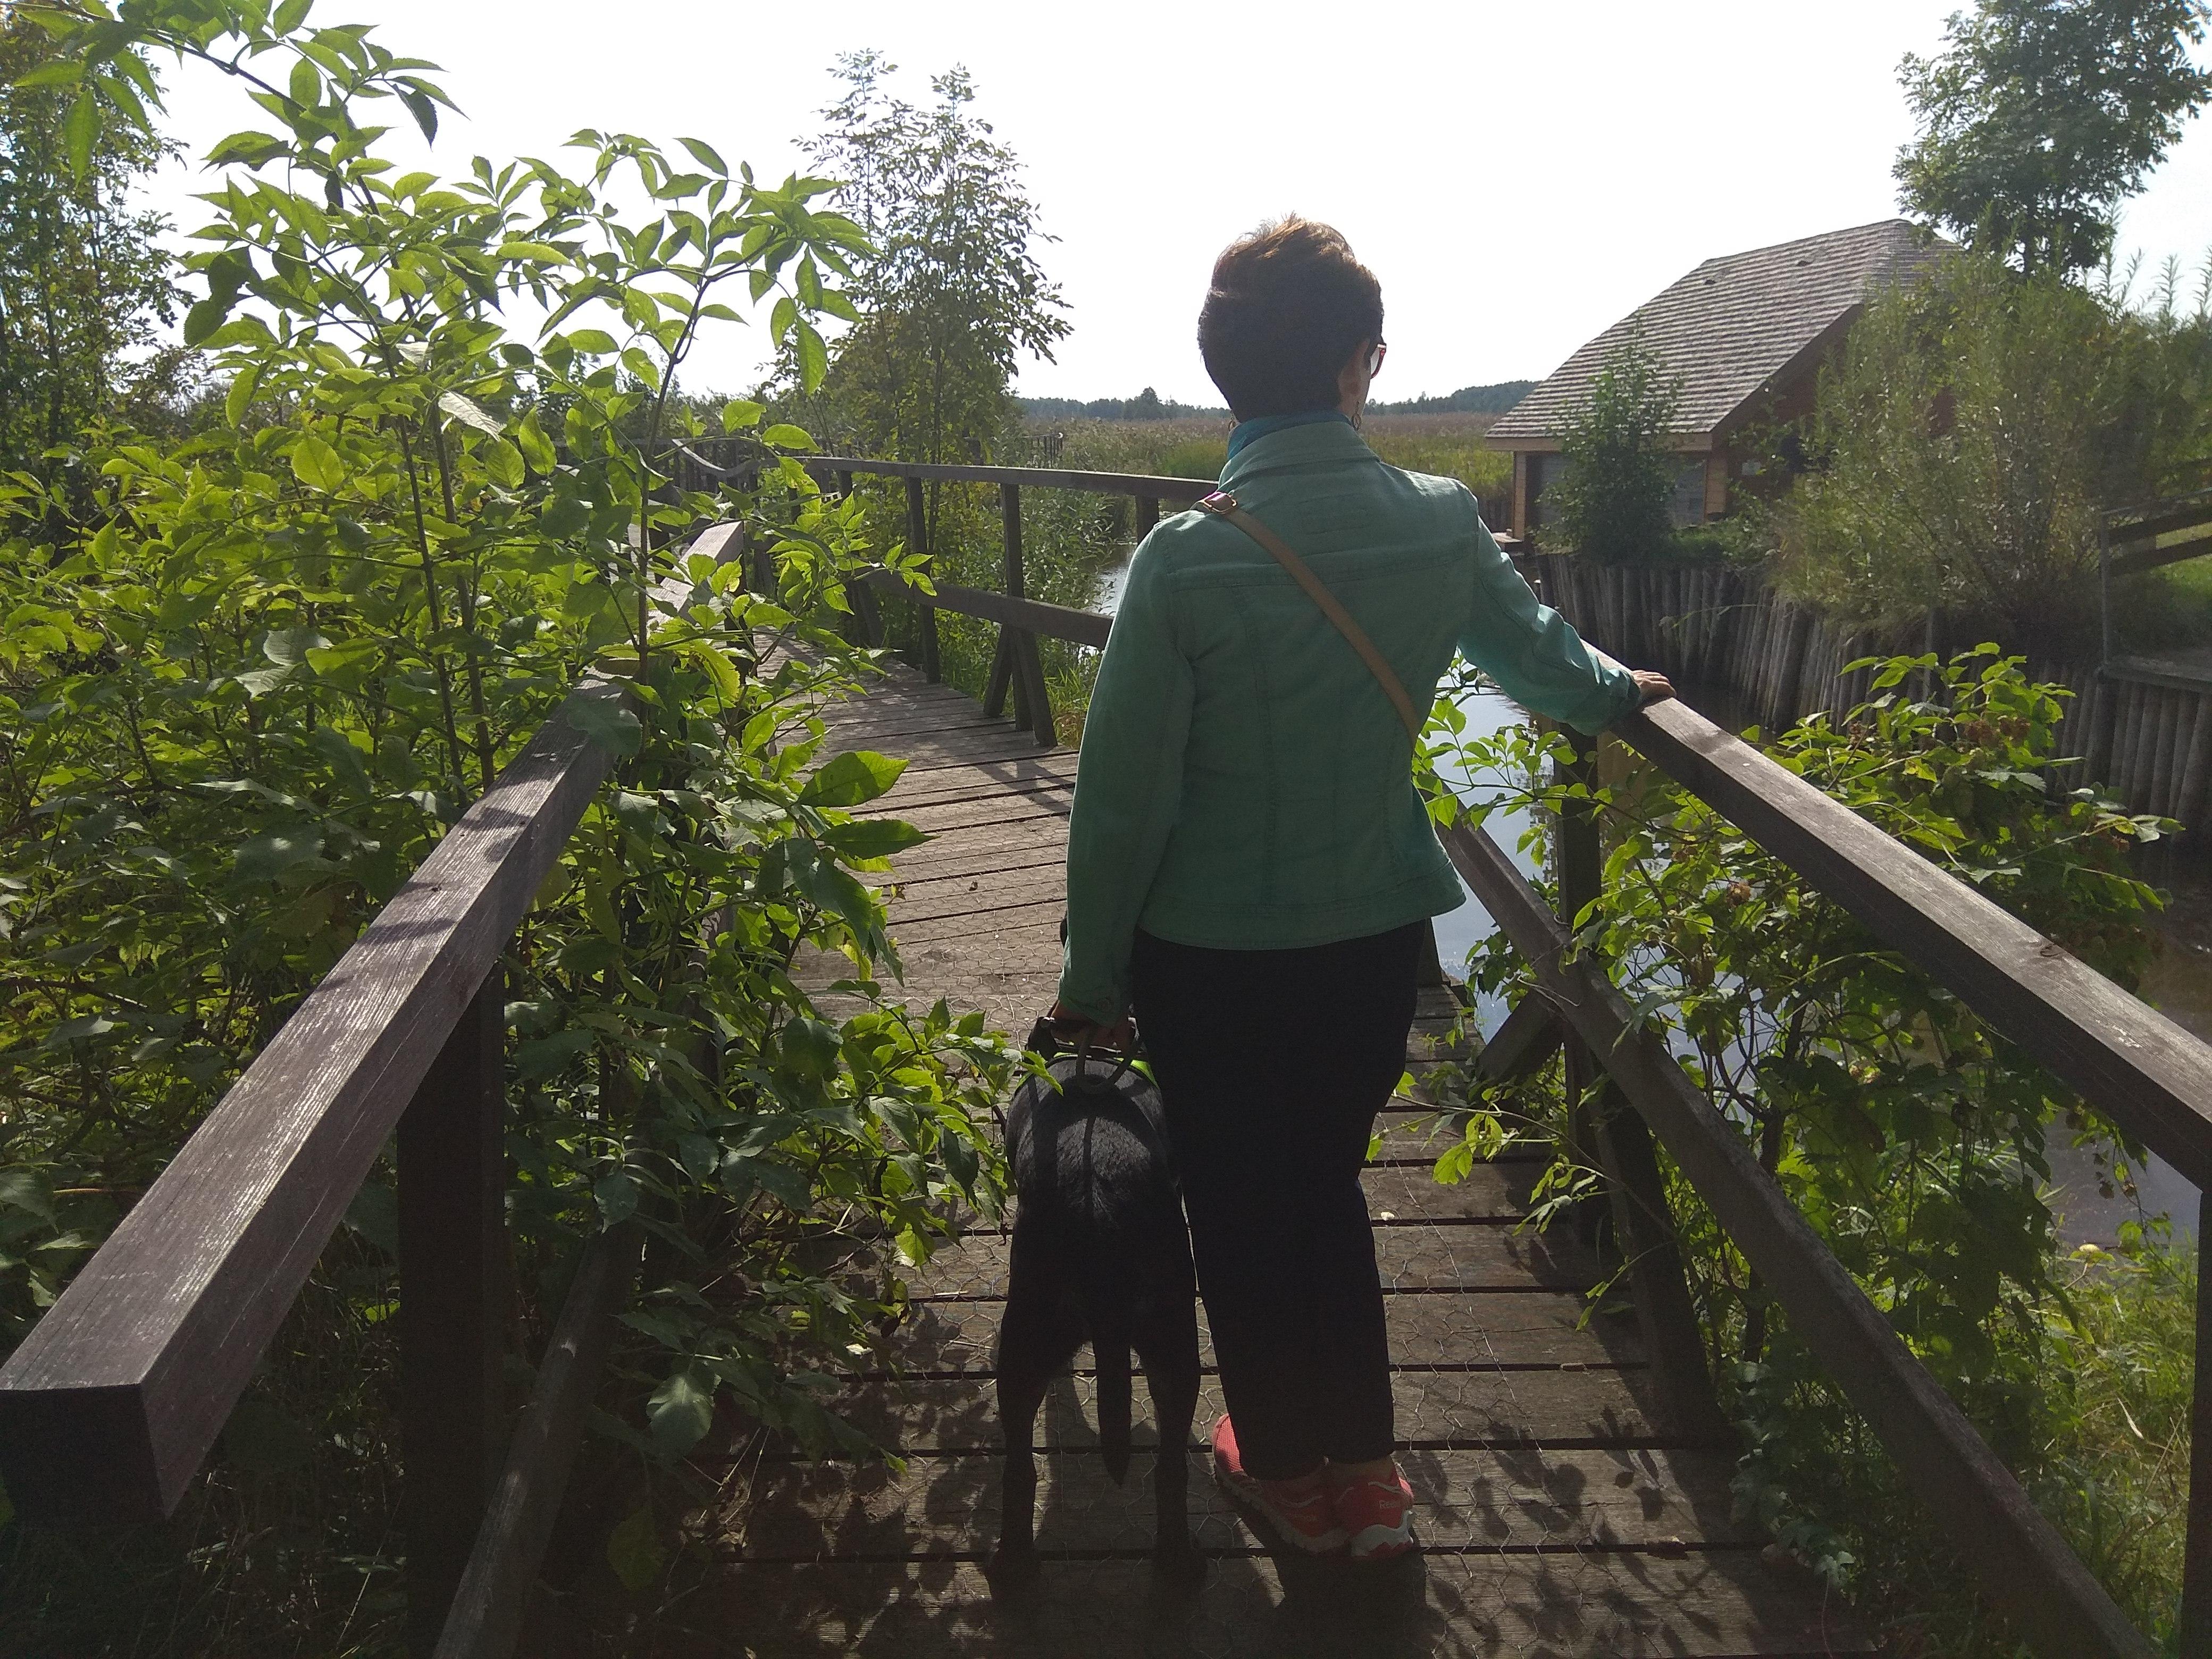 Na drewnianym szlaku narwiańskiego parku stoi brunetka w krótkich włosach i twarzą lekko skierowaną w prawą stronę. Jej zielona bluza ładnie komponuje się z otaczającym ją krajobrazem pełnym zieleni. Pani stoi tyłem, przy jej lewej nodze asystuje pies przewodnik, z prawej strony widoczna stara, mała chata, kryta strzechą.